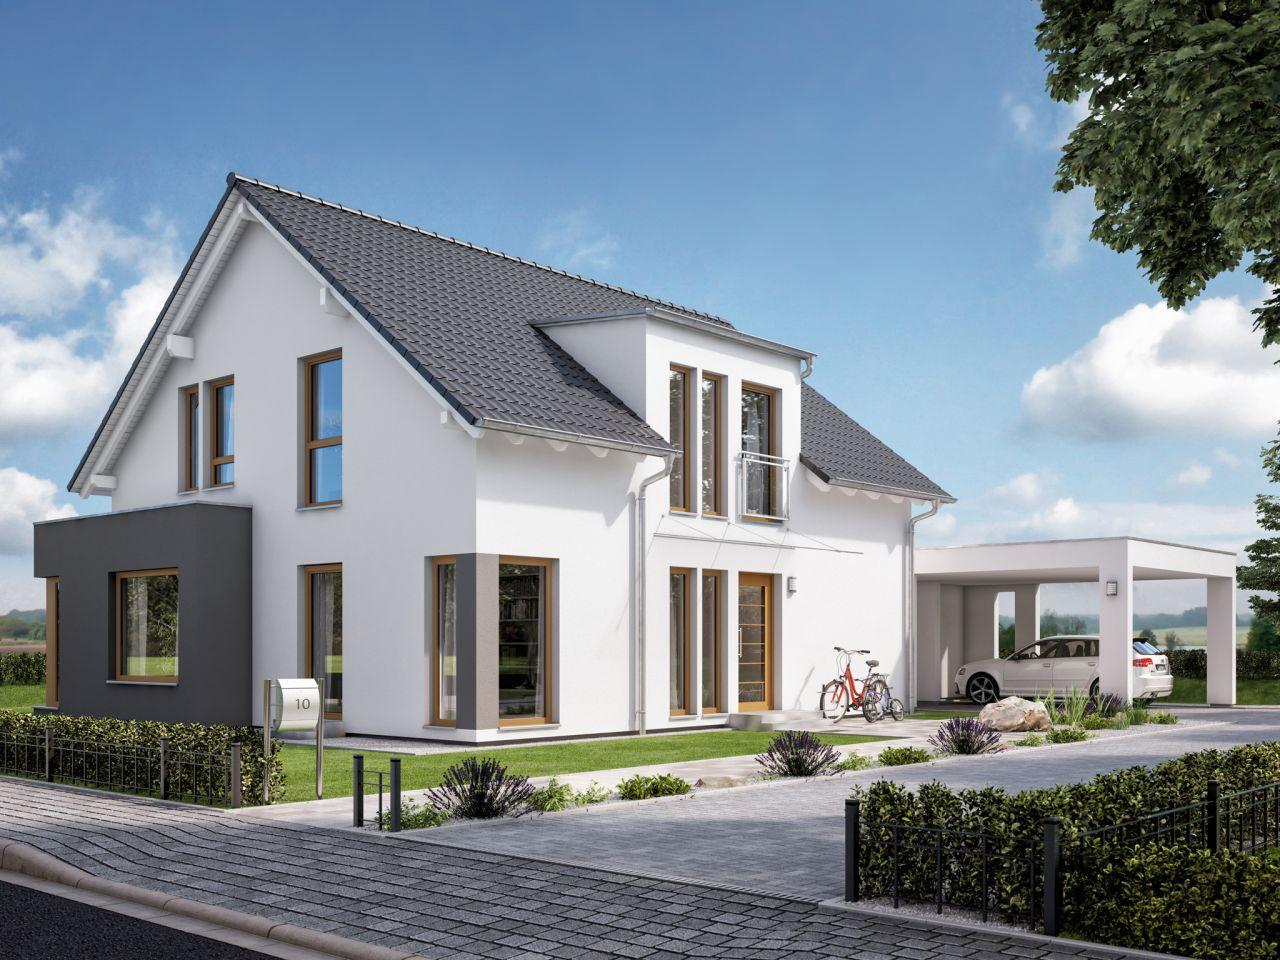 Modernes & energieeffizientes Einfamilienhaus mit viel Platz